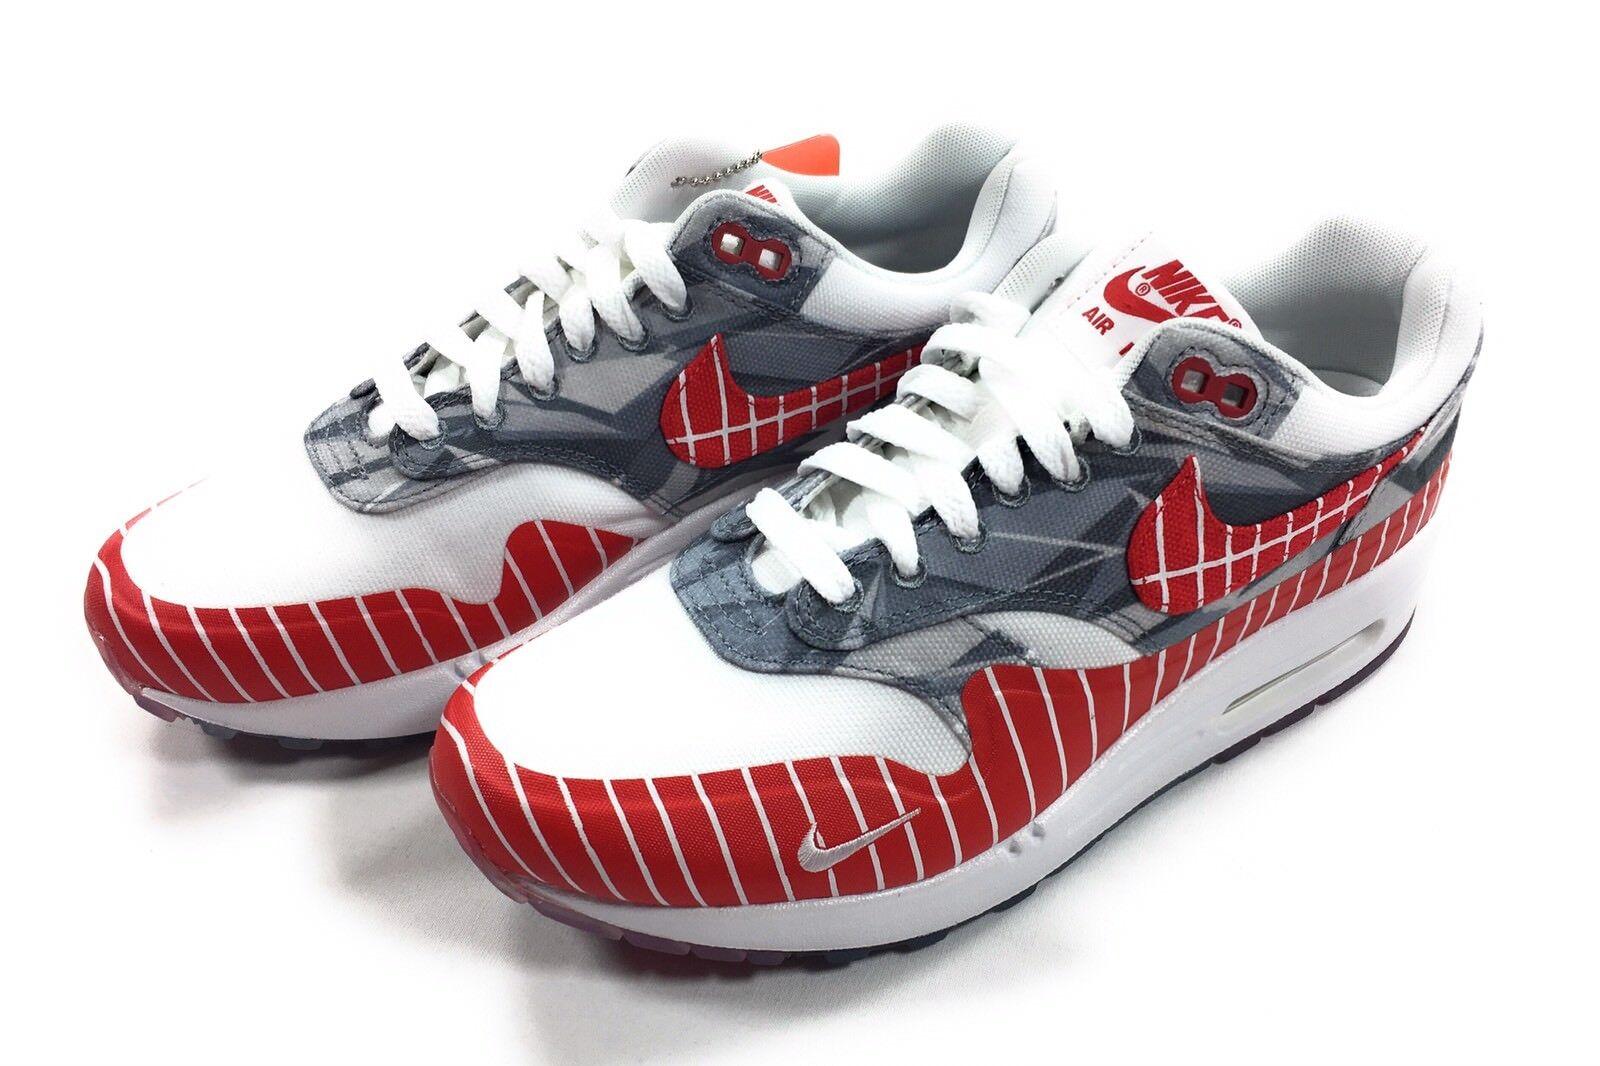 Nike hombre 1 zapatos 6.5 Air Max 1 hombre LHM Blanco Universidad Rojo los primeros ah7740-100 f3e20f